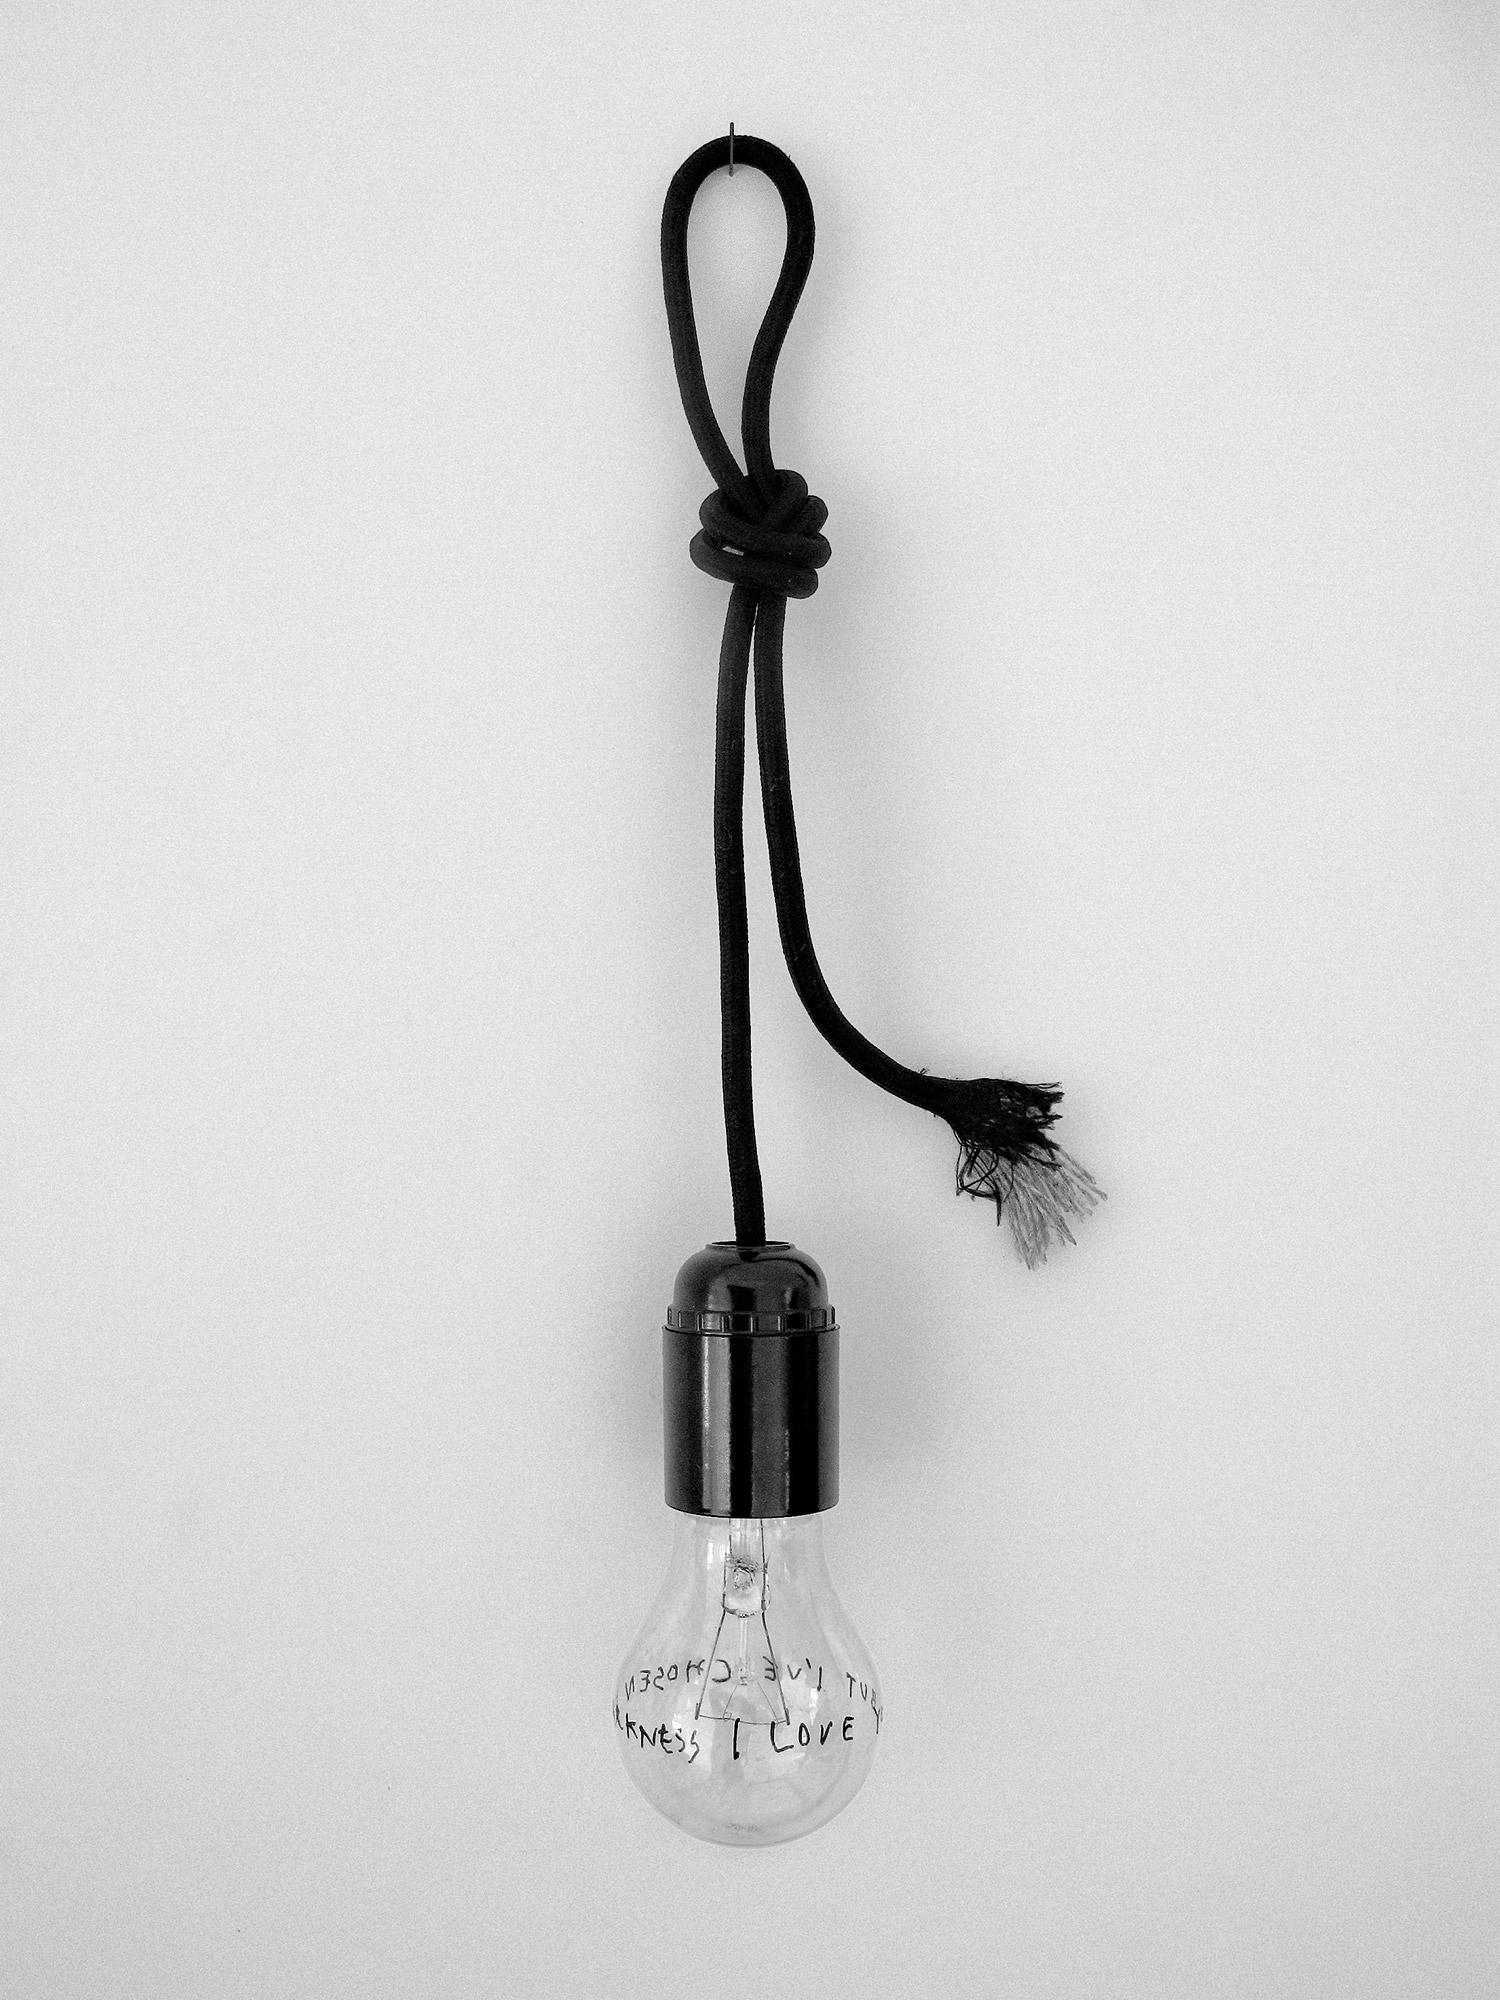 Famed, Untitled [I Love You But I've Chosen Darkness], 2010